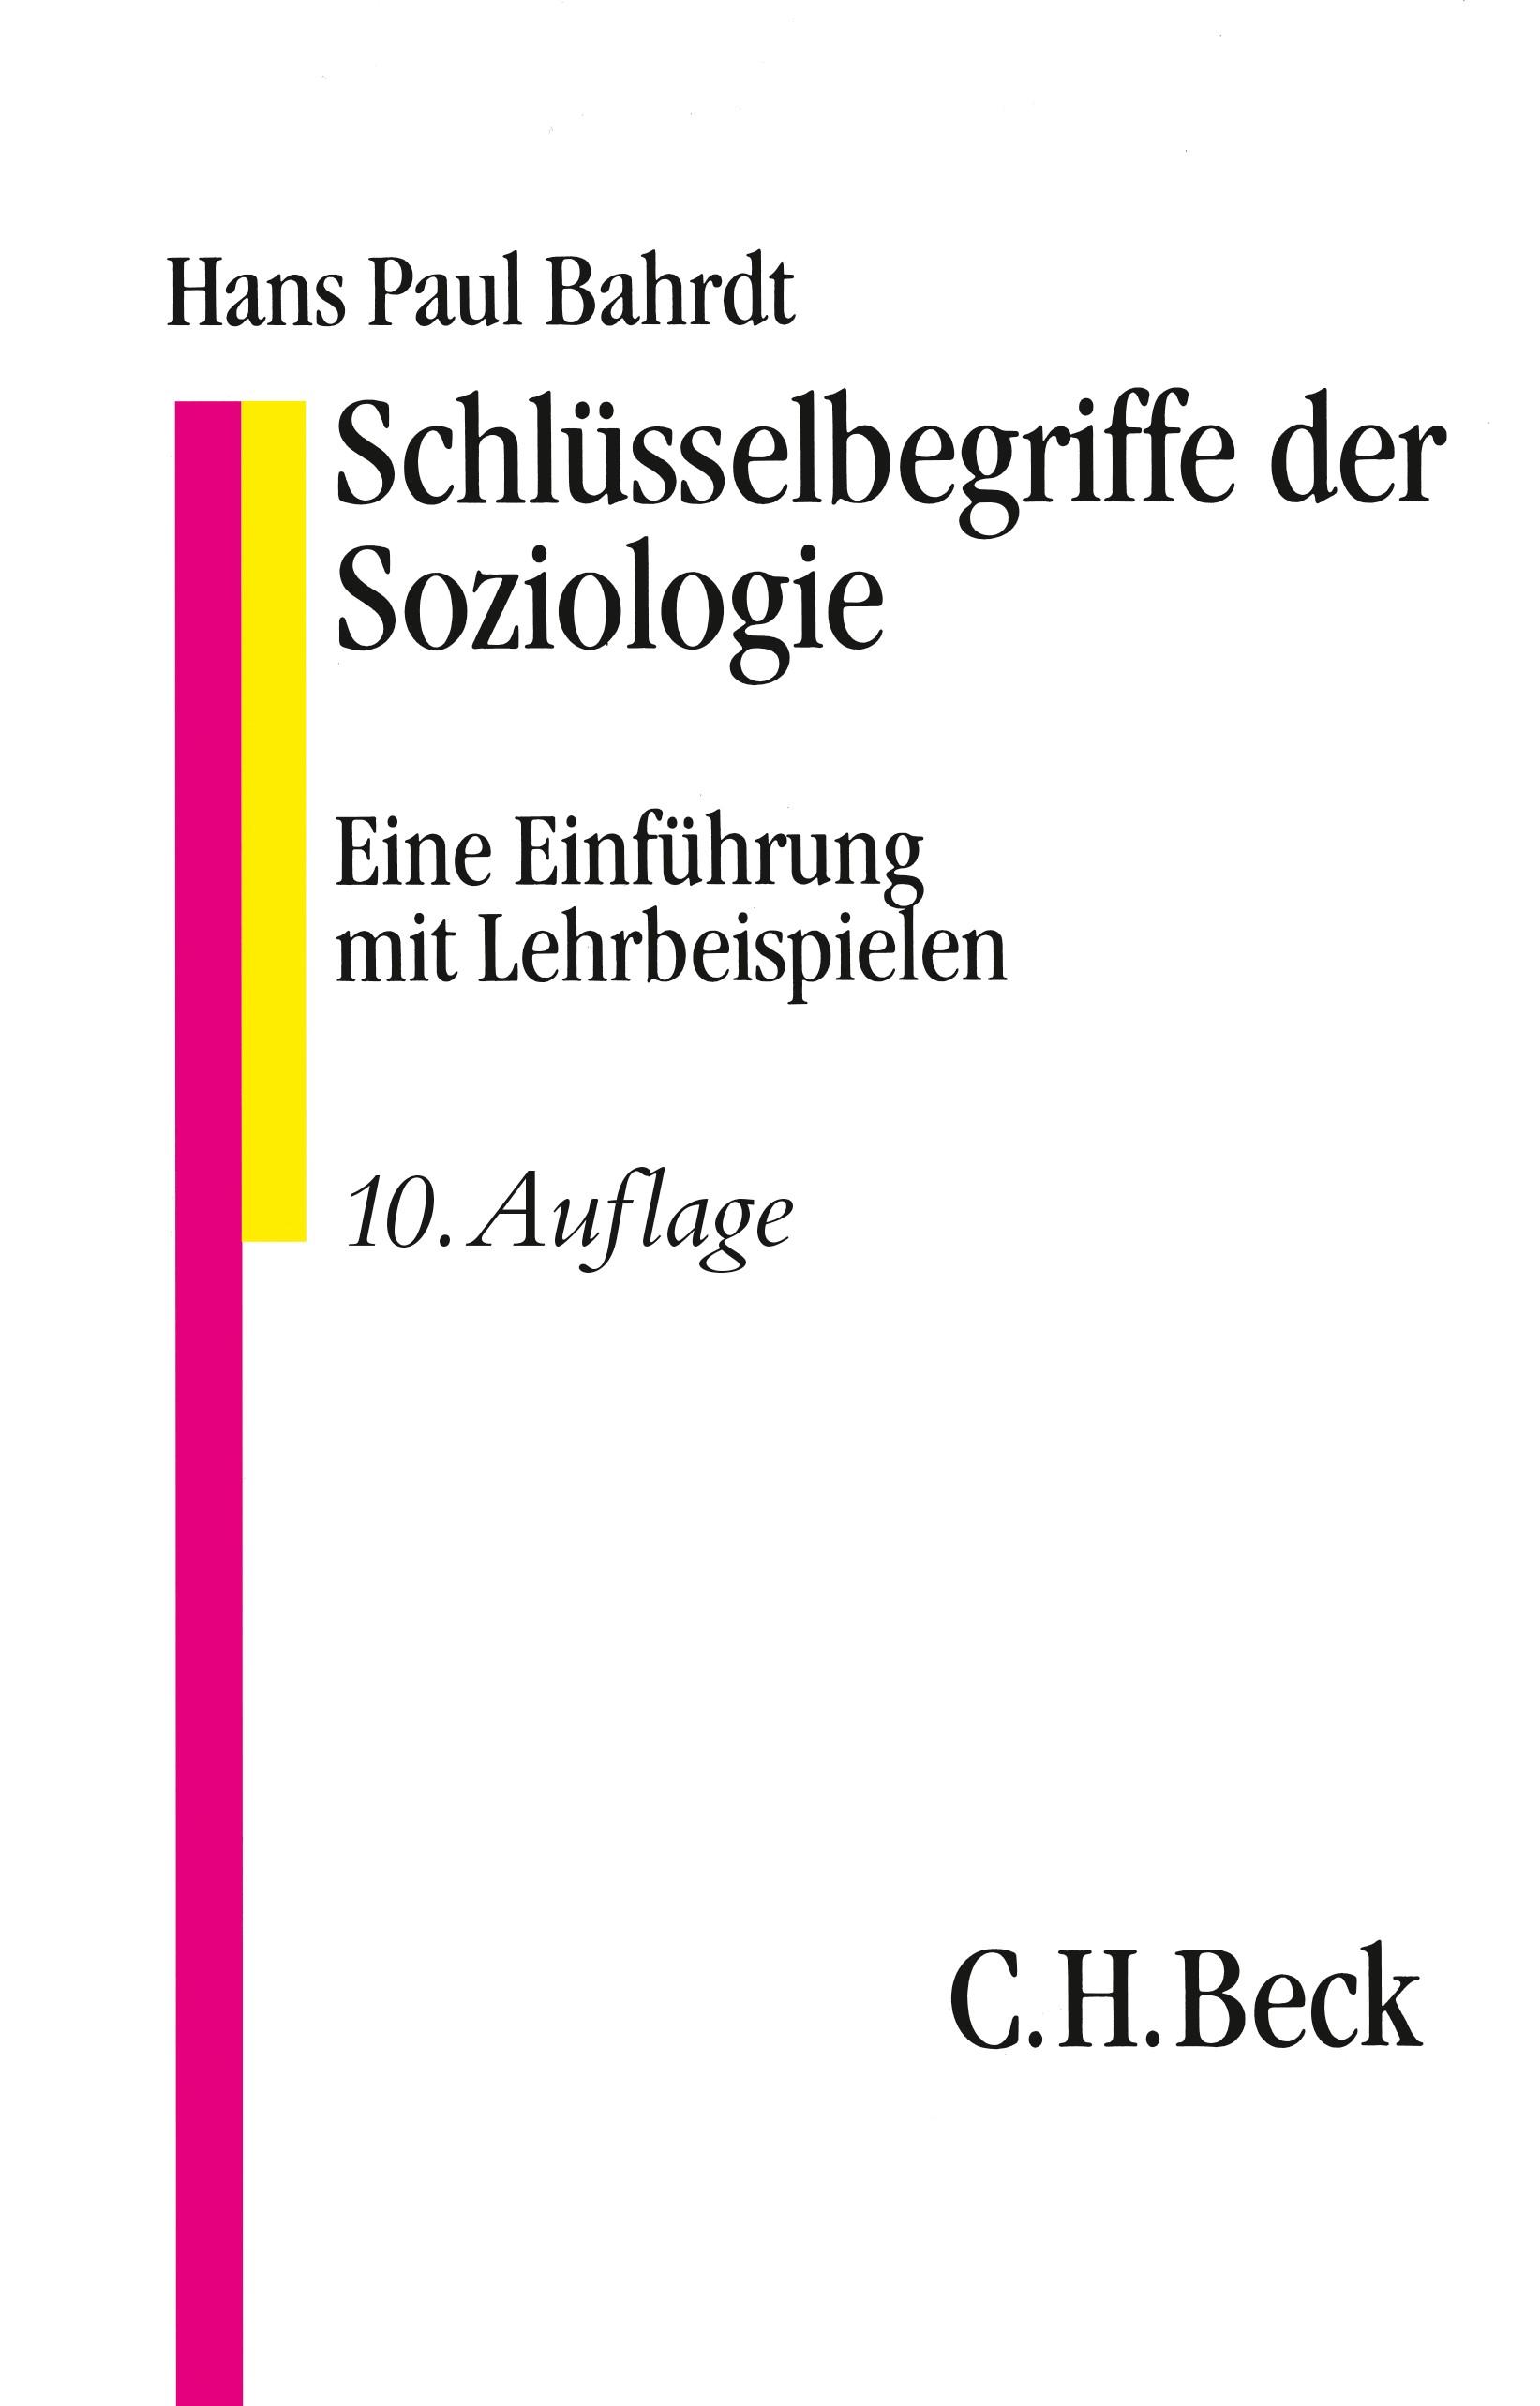 Cover des Buches 'Schlüsselbegriffe der Soziologie'